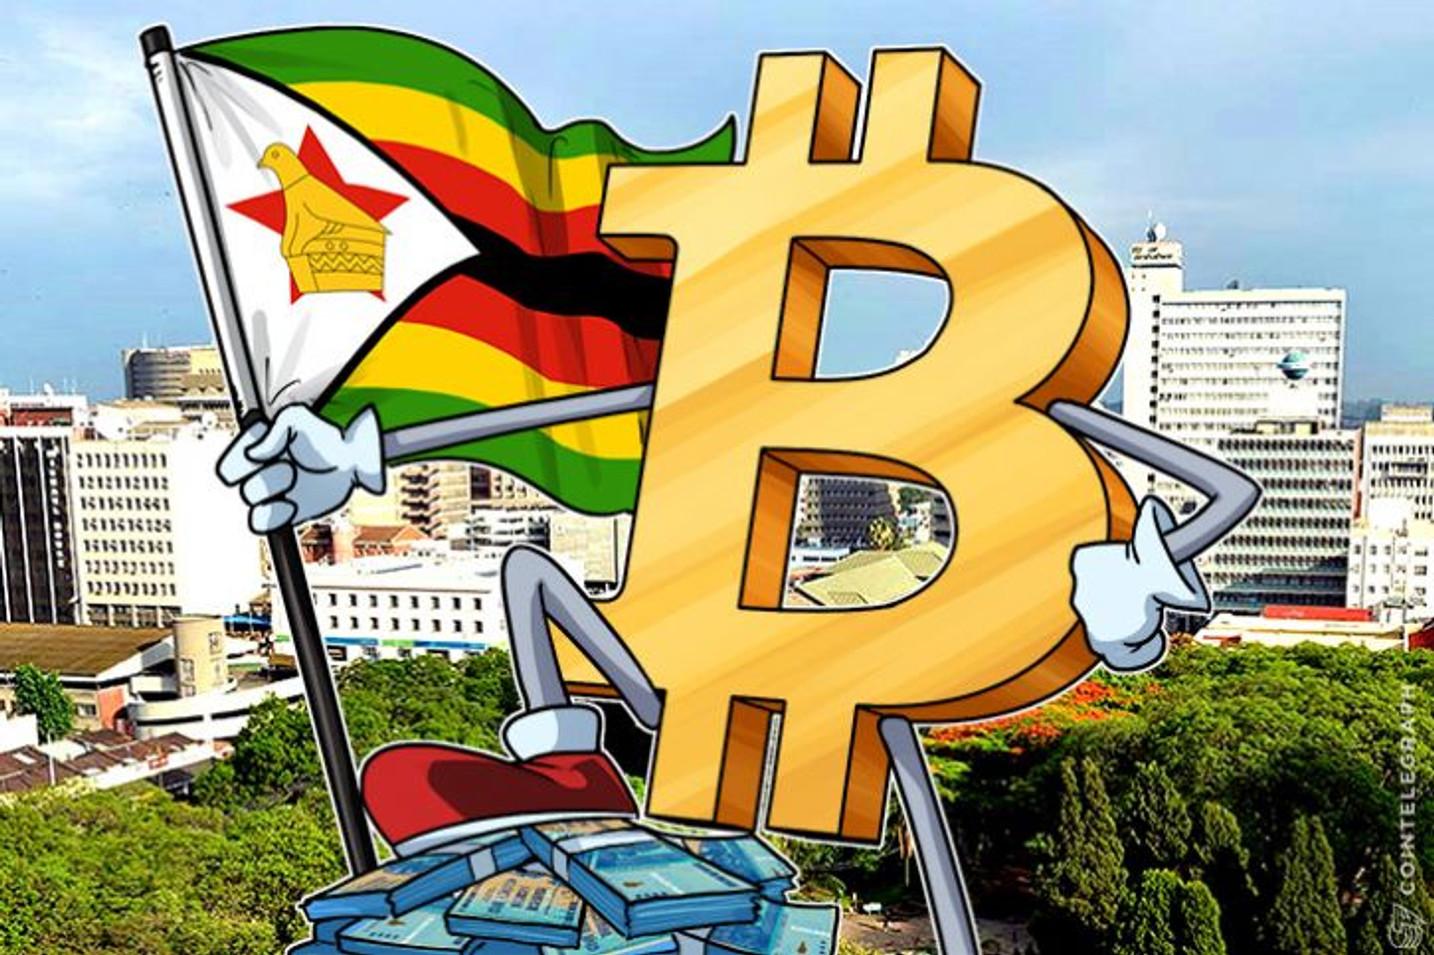 El precio de Bitcoin de Zimbabwe en $ 7.200 debido a los temores económicos y a la hiperinflación